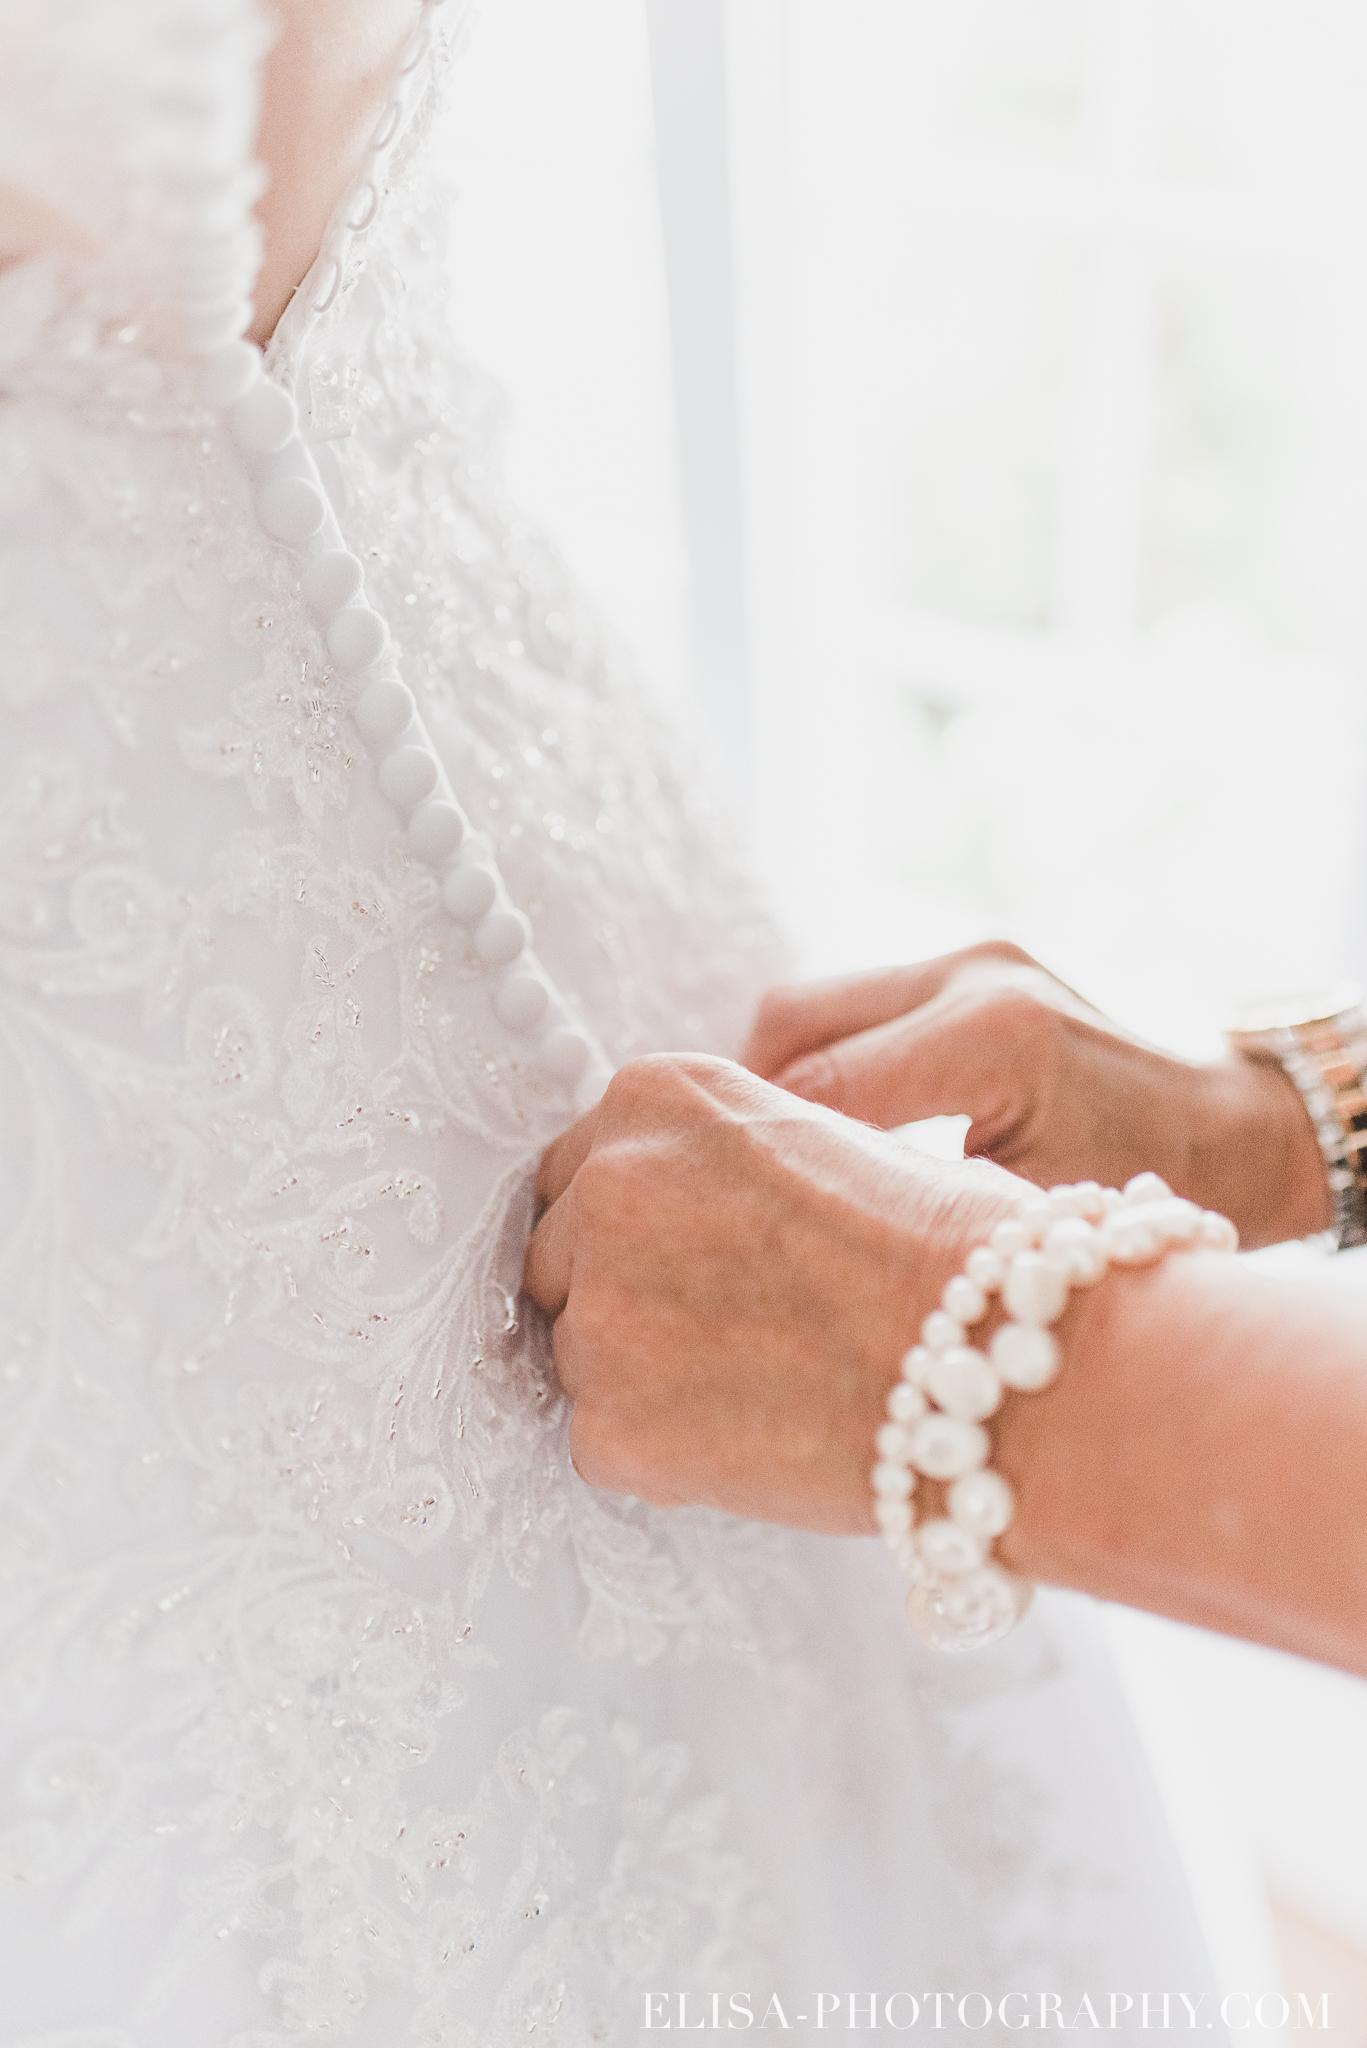 photo mariage quebec automne robe mariee 5129 - Mariage à saveur automnale à l'Espace Saint-Grégoire